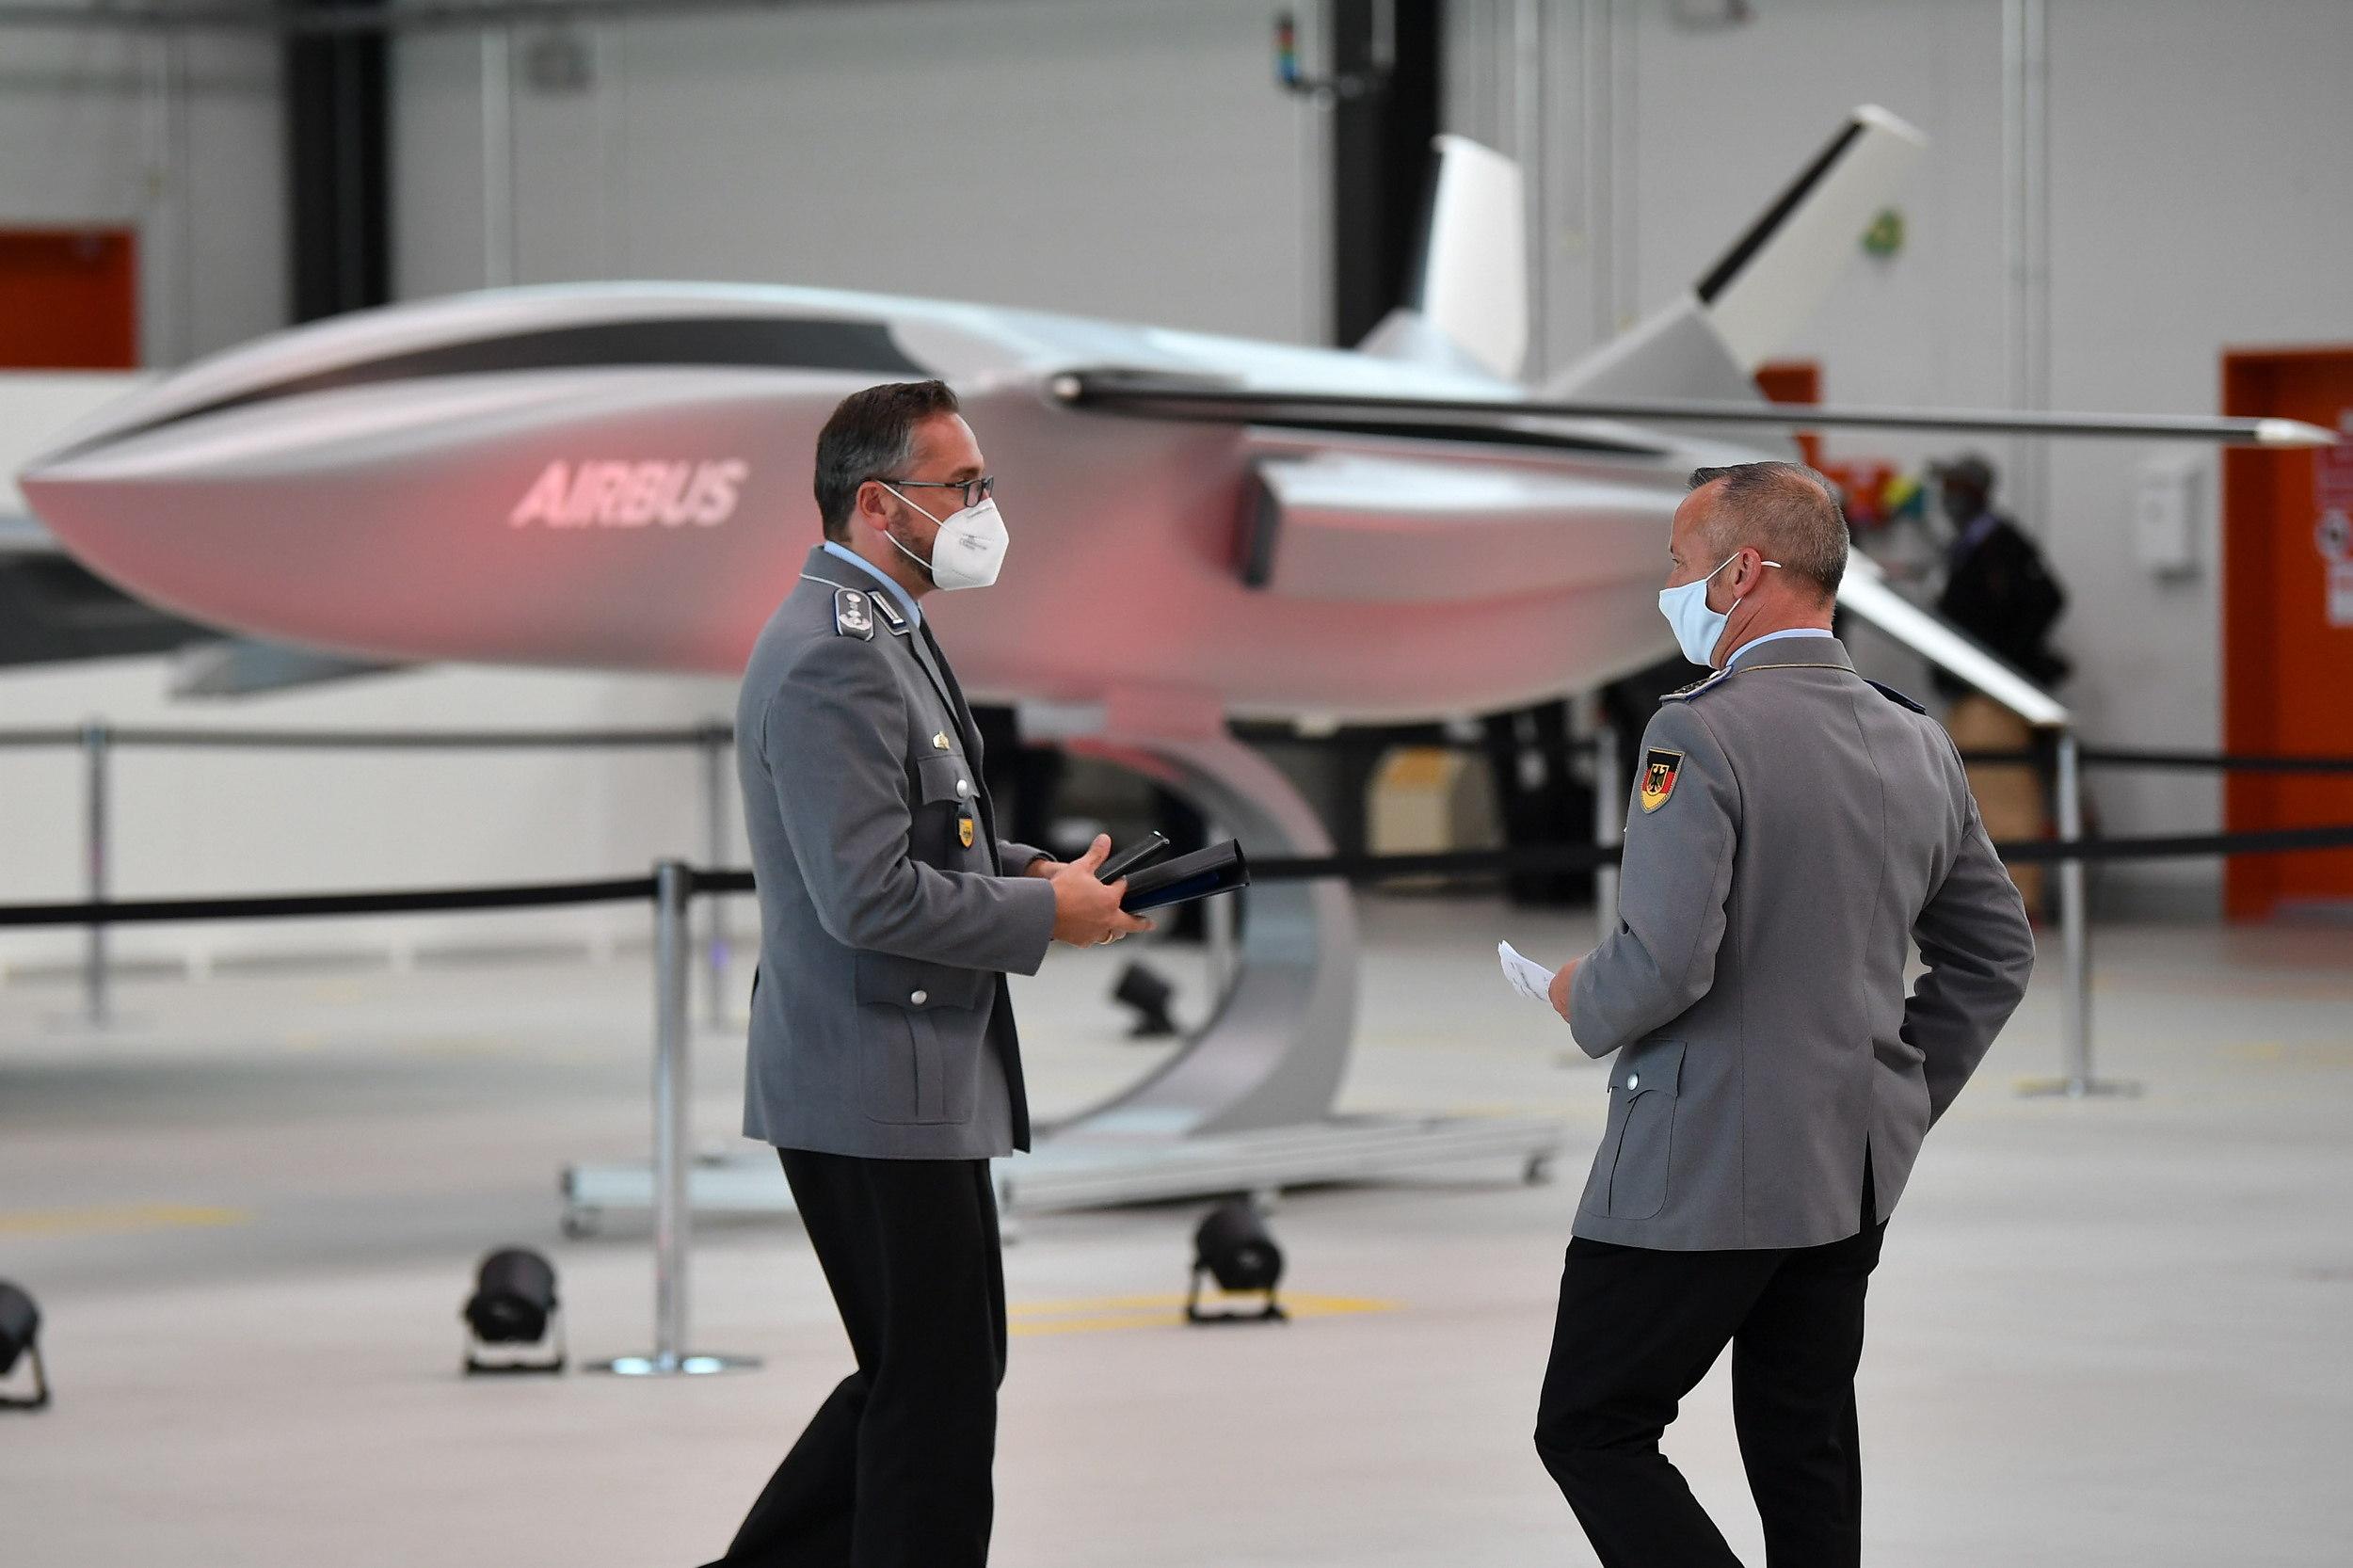 Un brote de coronavirus en Airbus obliga a poner en cuarentena a 500 empleados